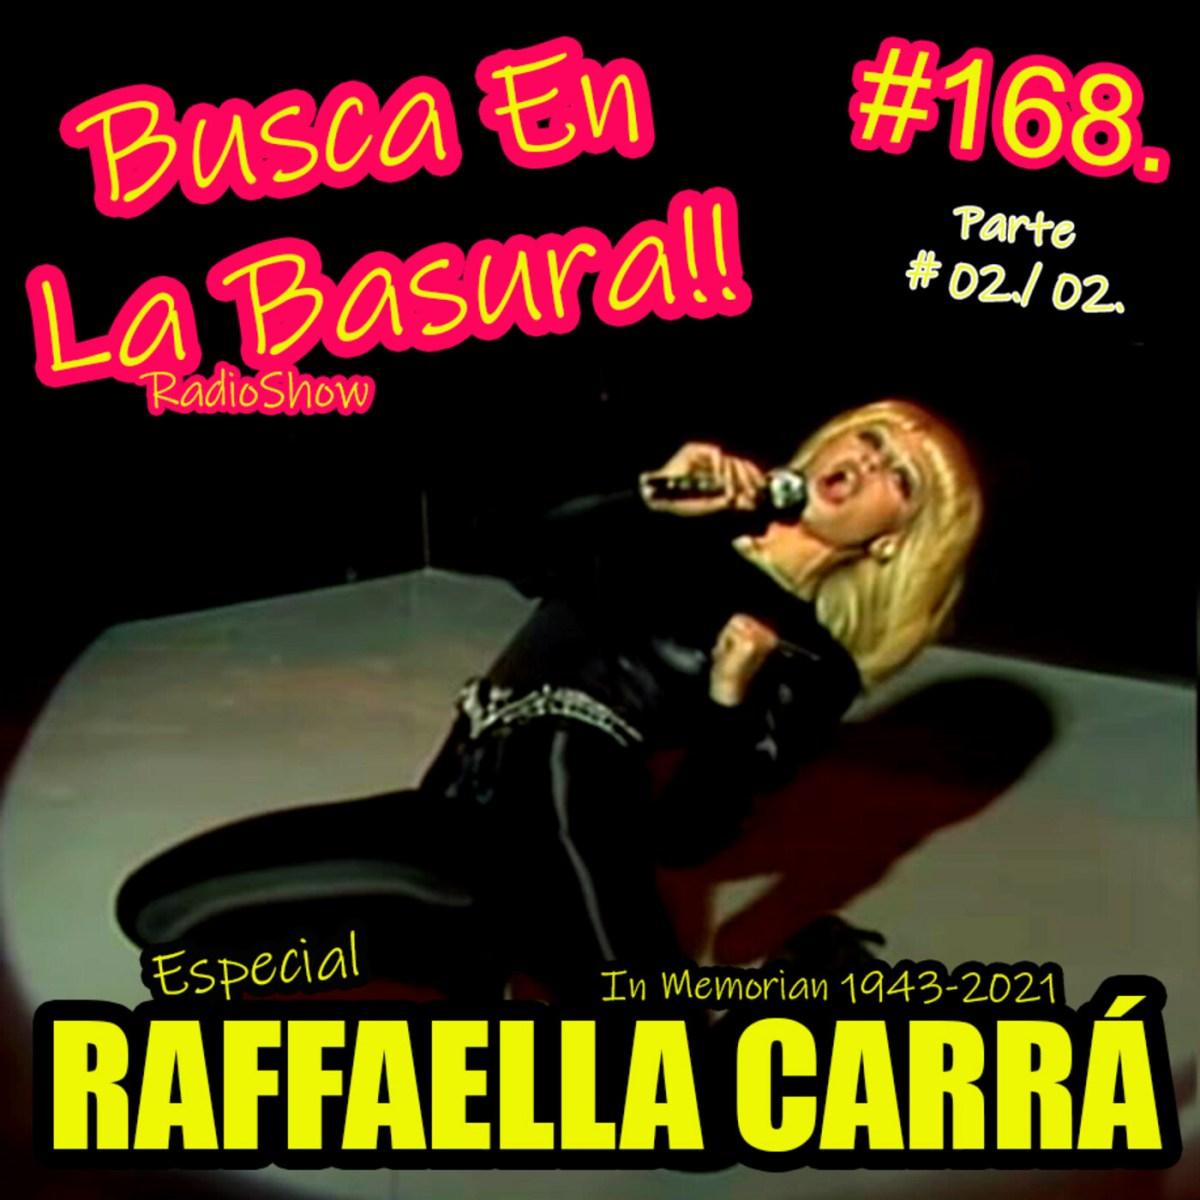 BUSCA EN LA BASURA!! # 168.Especial RAFFAELLA CARRÁ, (In Memorian 1943-2021), Parte # 02 / 02. Emisión 28/07/2021